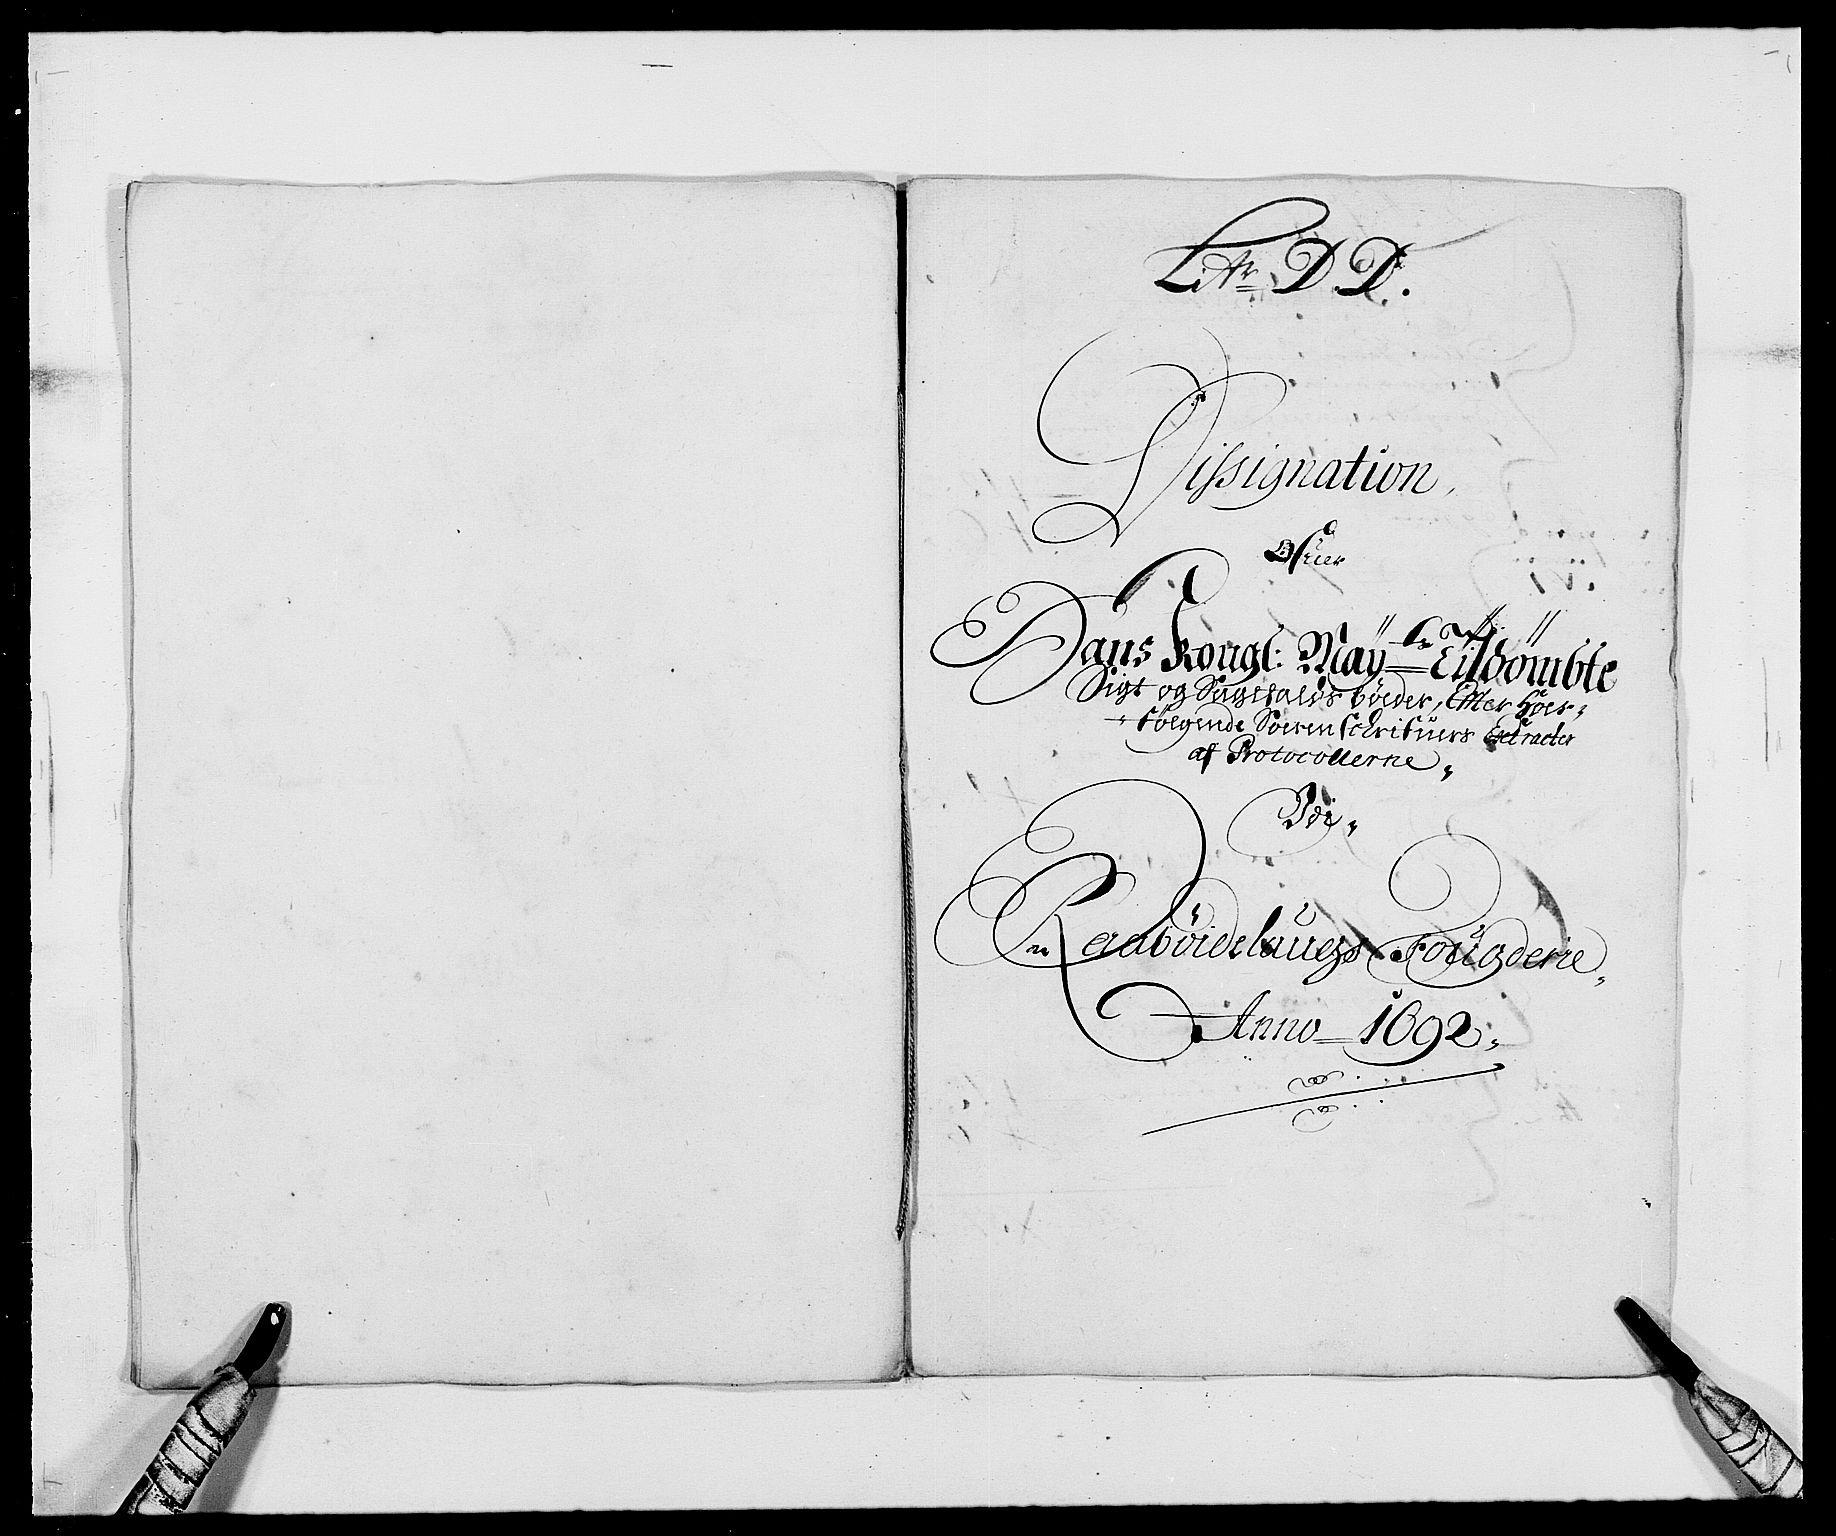 RA, Rentekammeret inntil 1814, Reviderte regnskaper, Fogderegnskap, R40/L2443: Fogderegnskap Råbyggelag, 1691-1692, s. 139